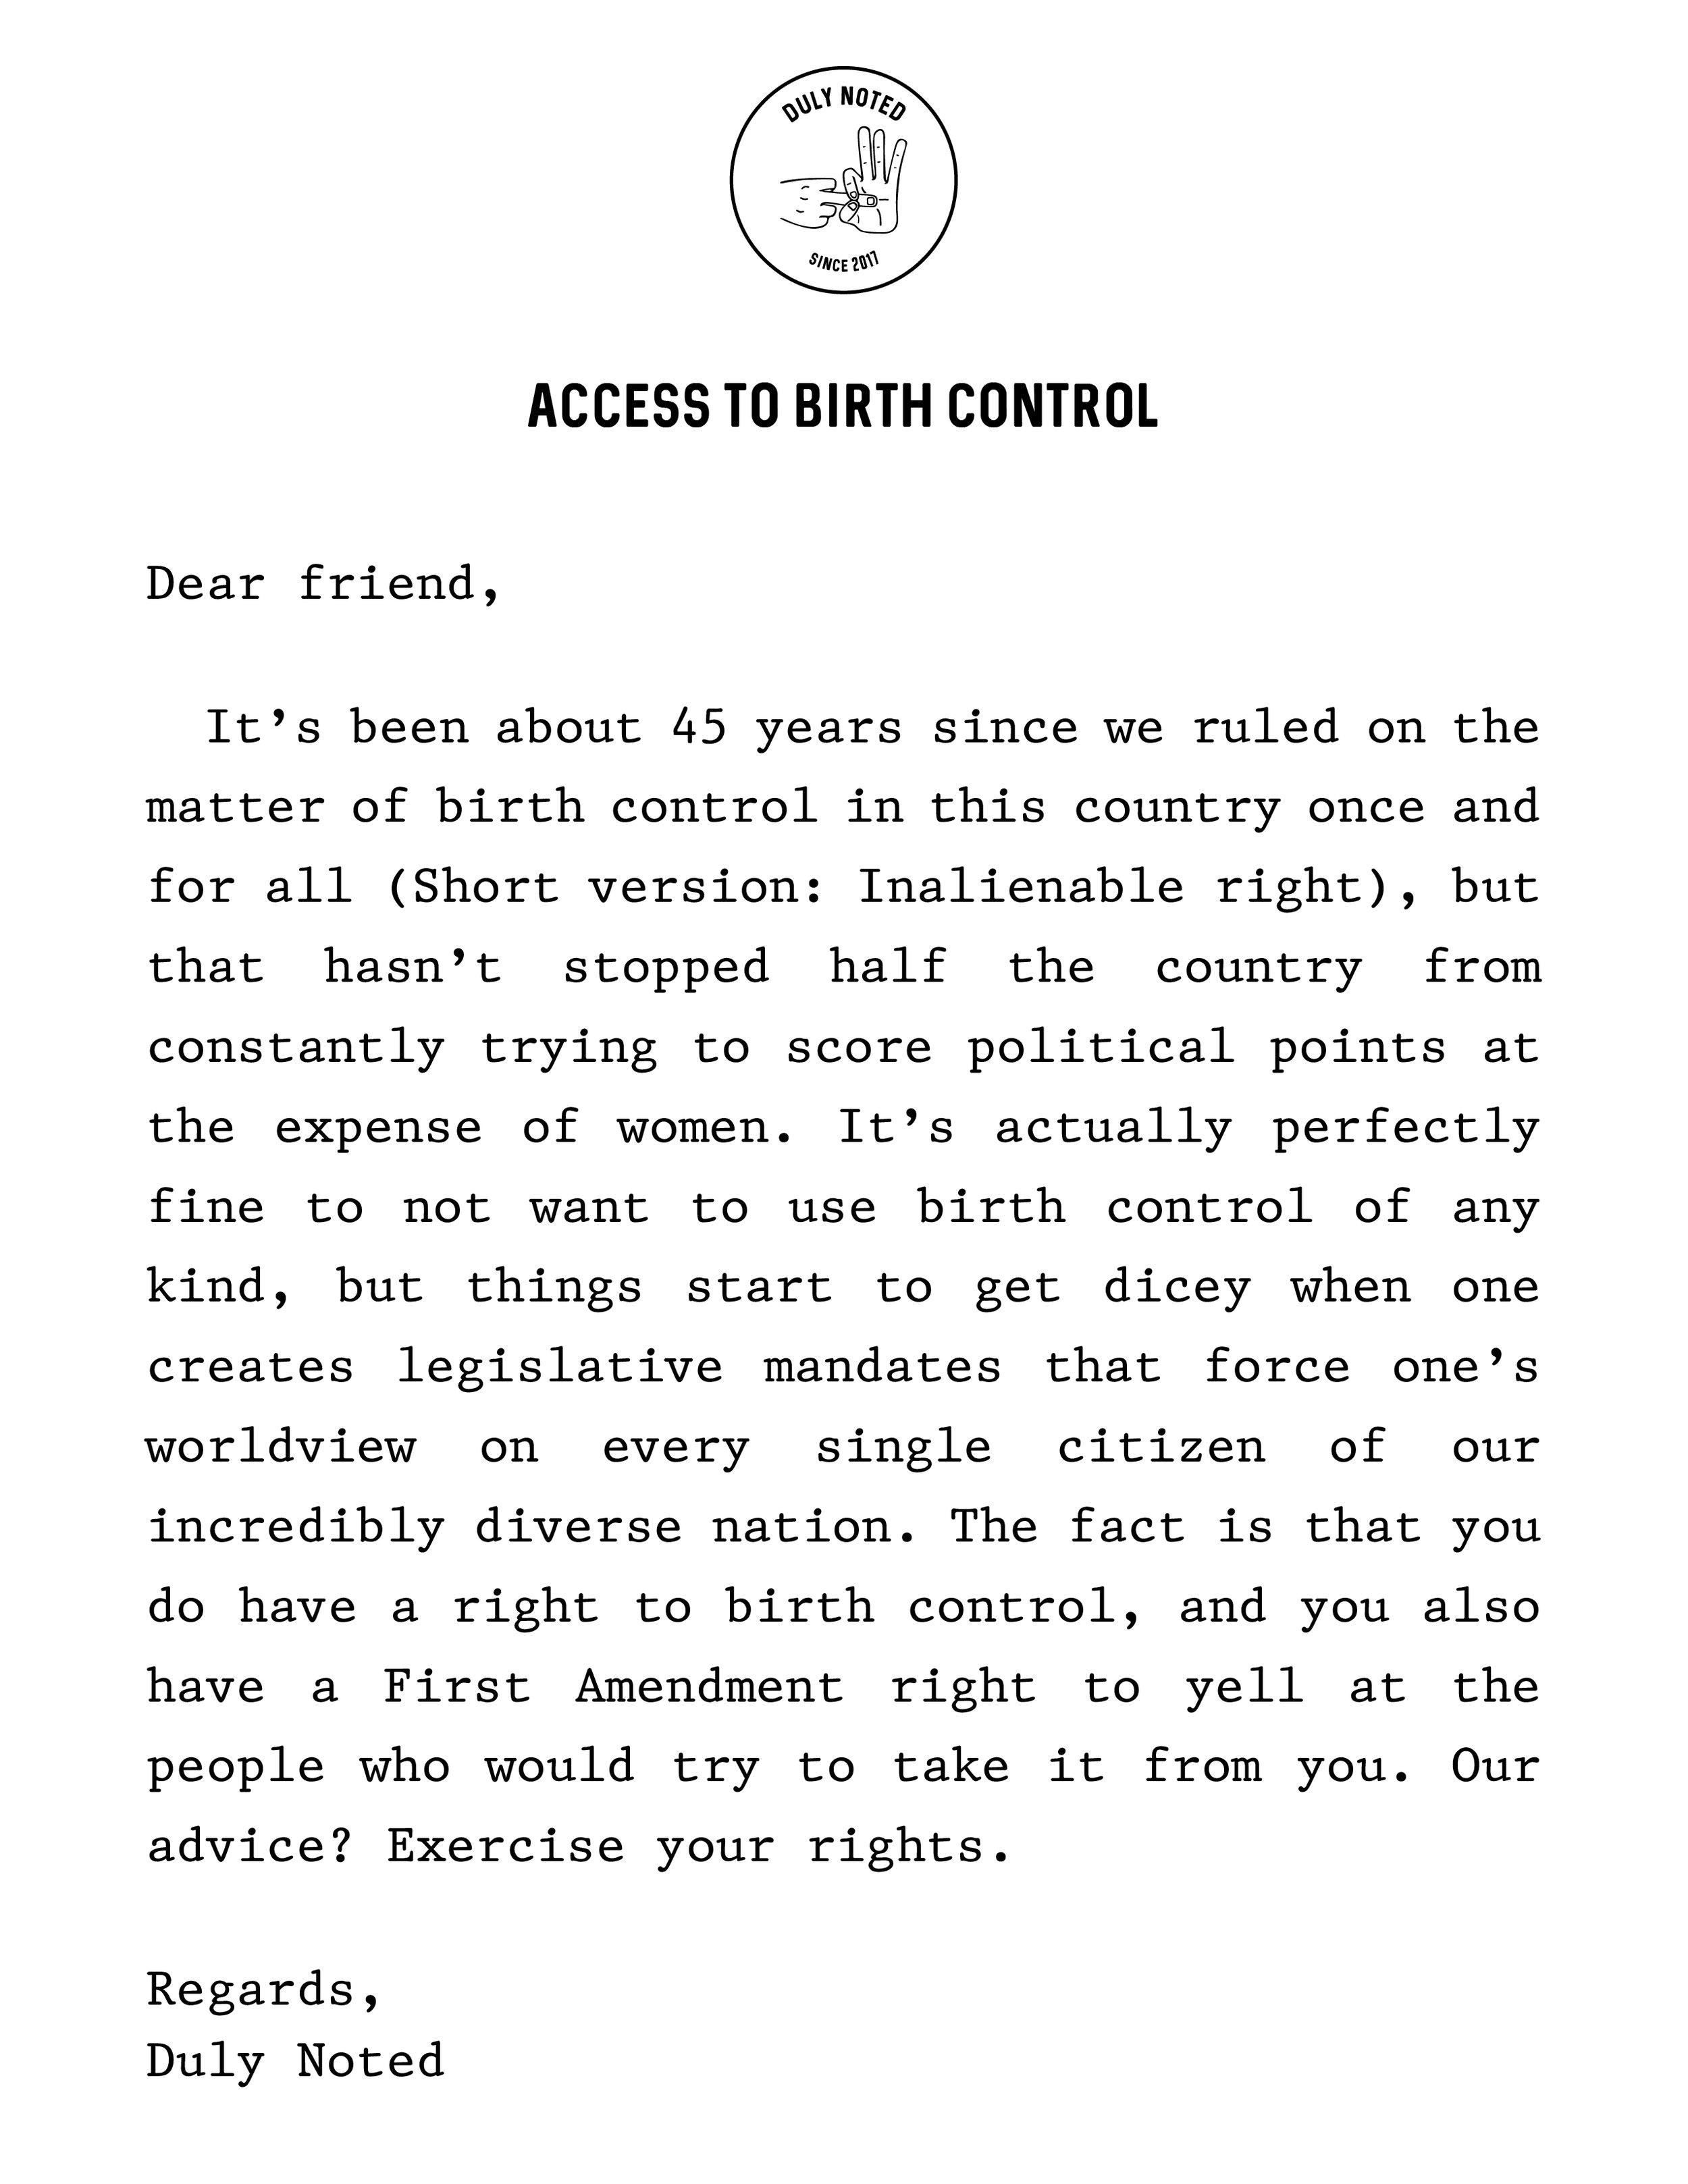 Birth Control.jpg